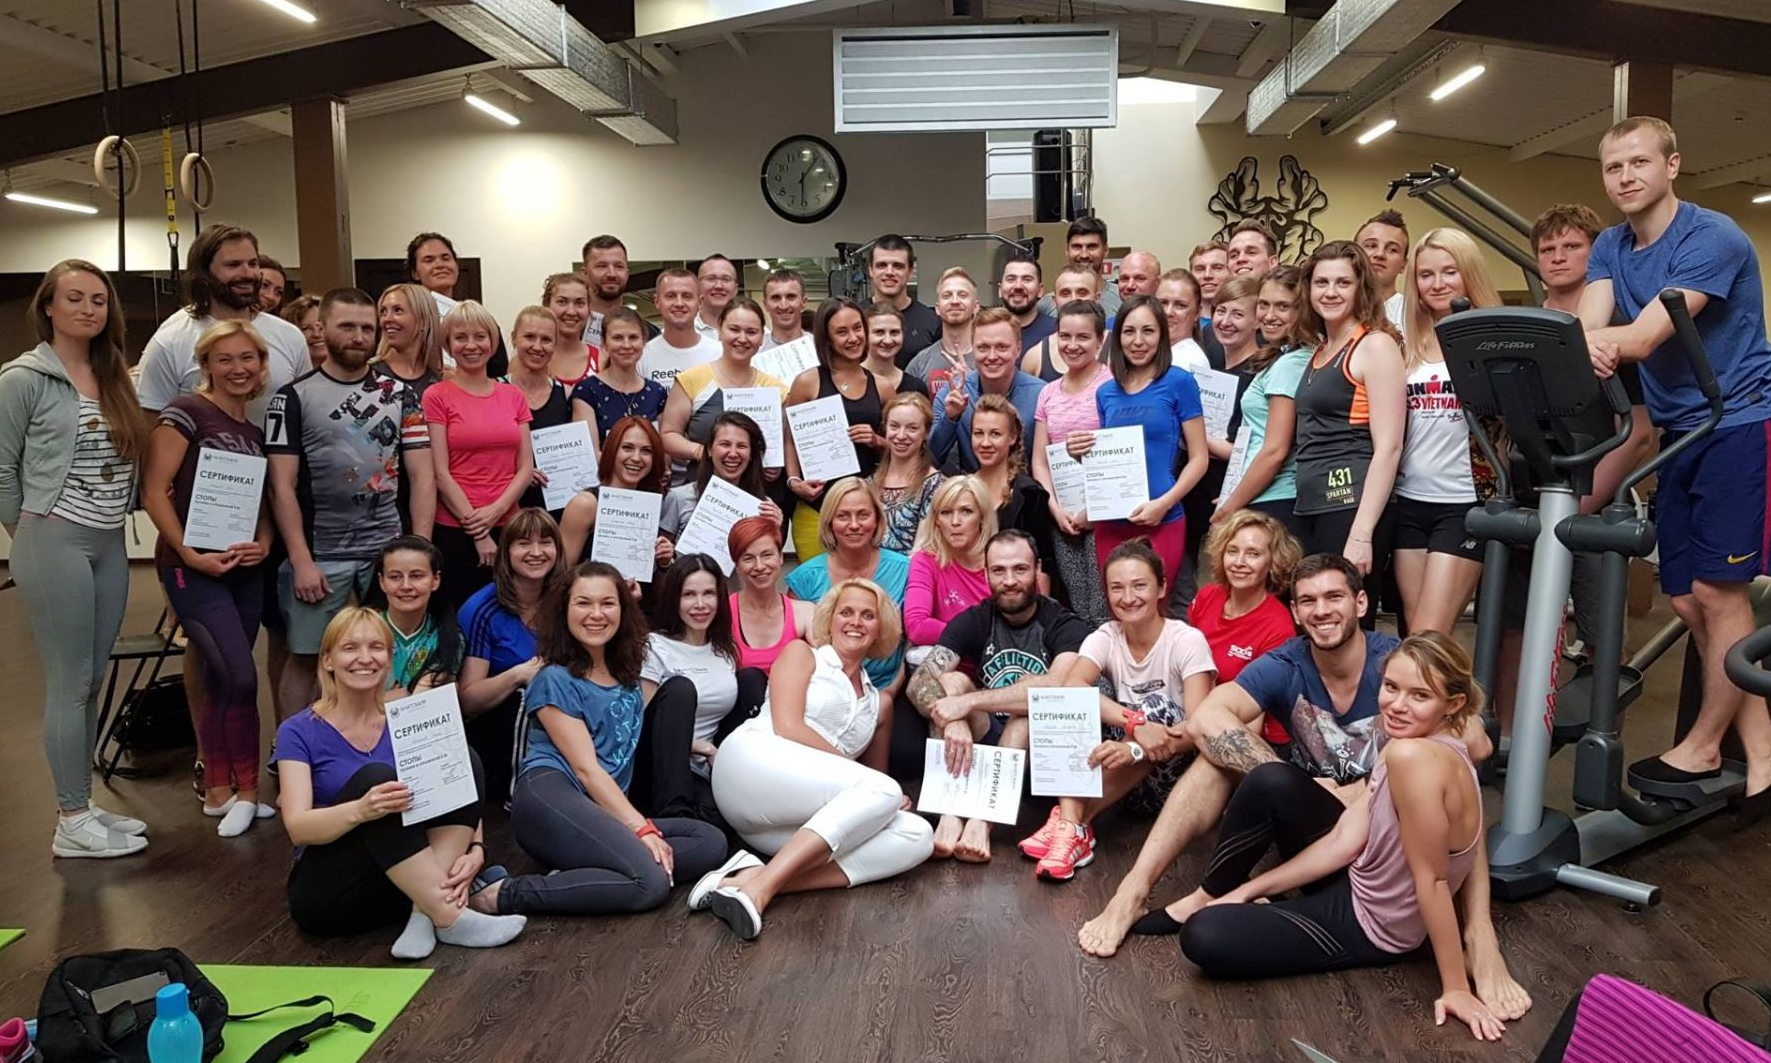 Анатомия фитнес клуб москва обучение клуб рязани ночной